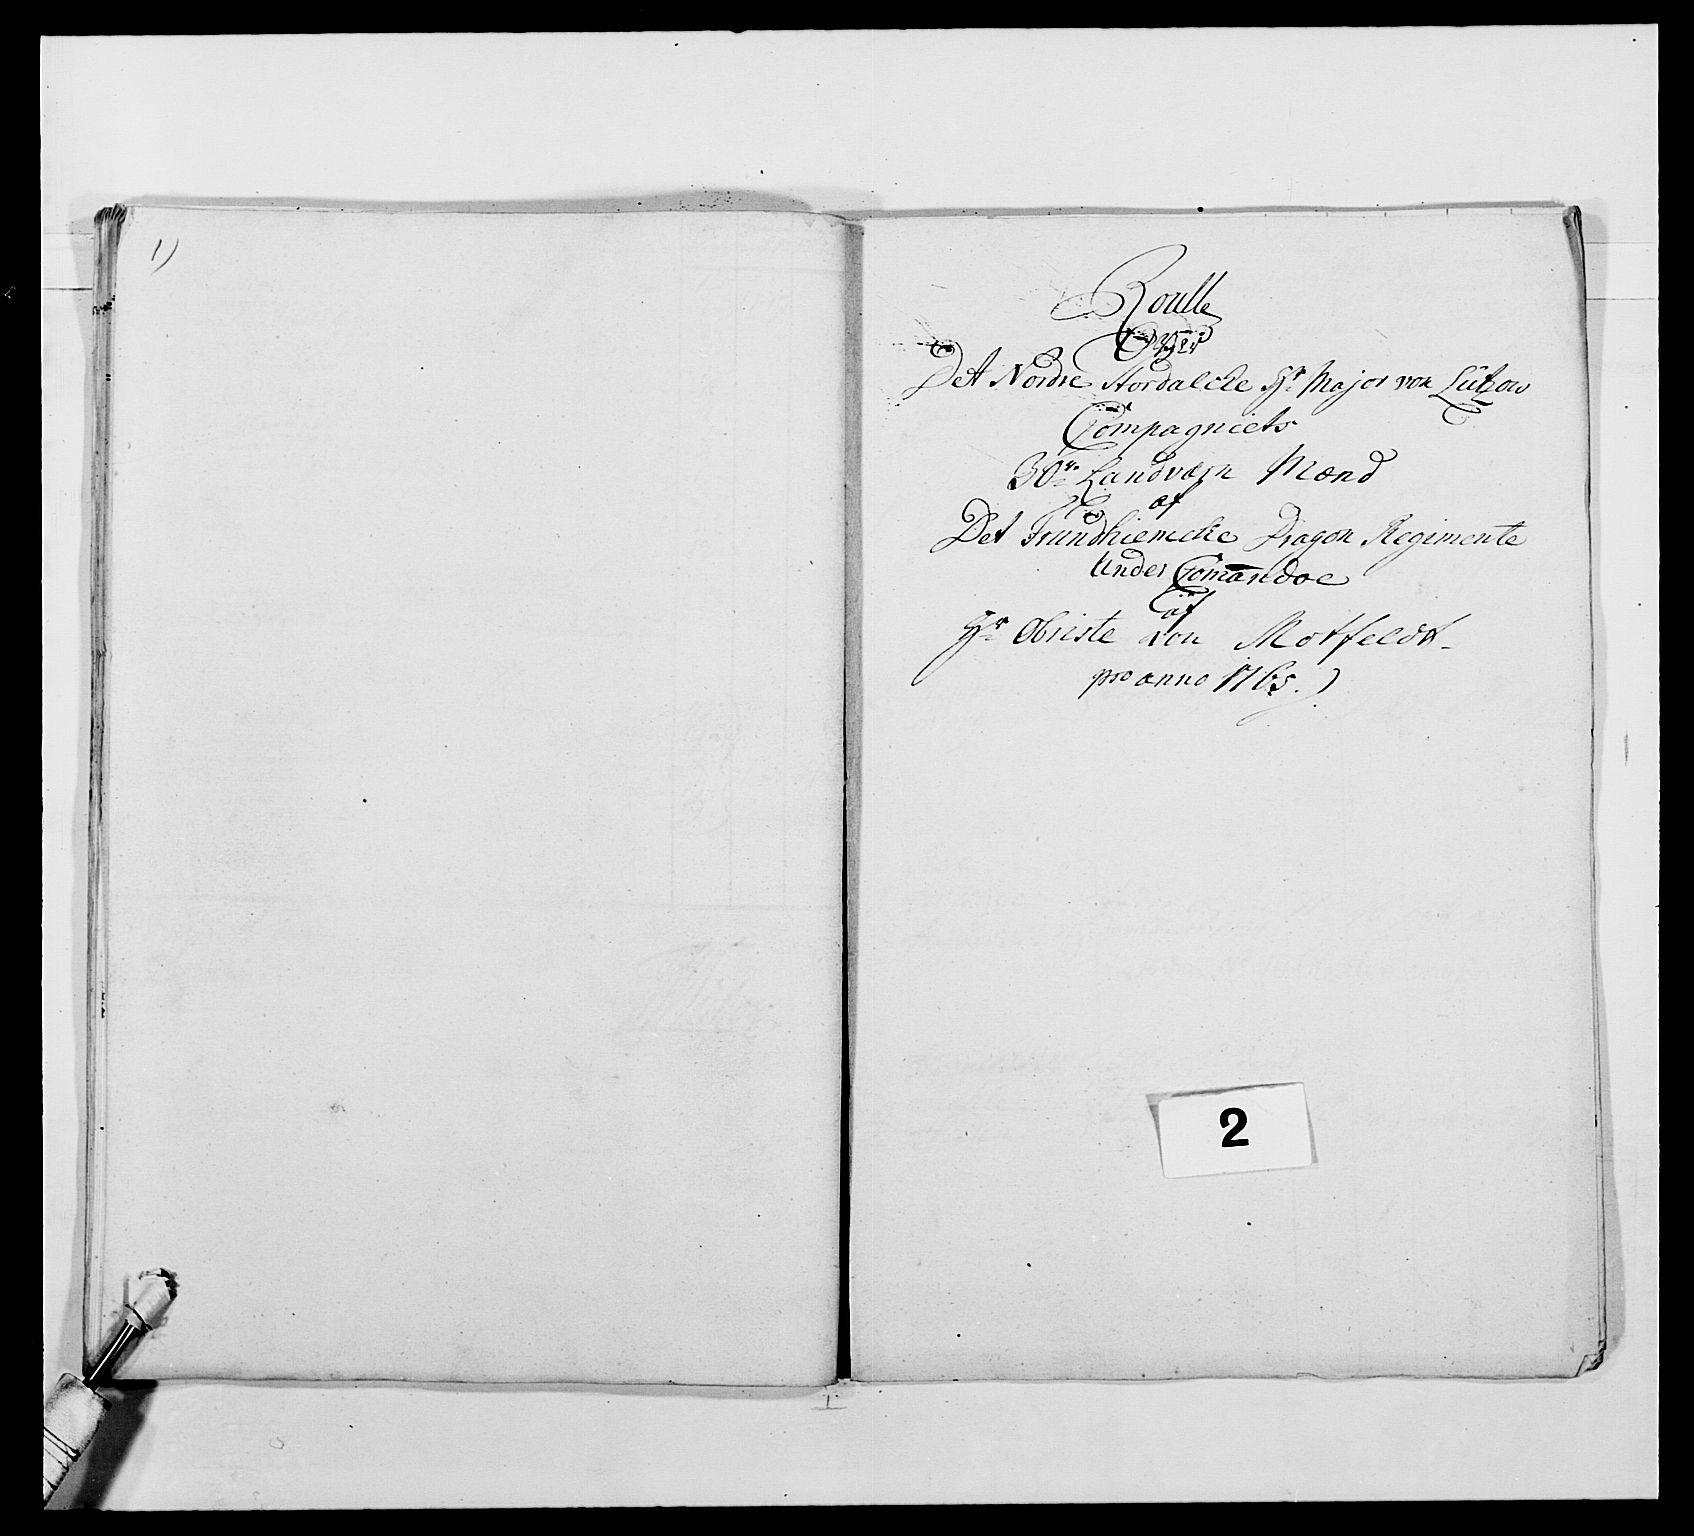 RA, Kommanderende general (KG I) med Det norske krigsdirektorium, E/Ea/L0483: Nordafjelske dragonregiment, 1765-1767, s. 35